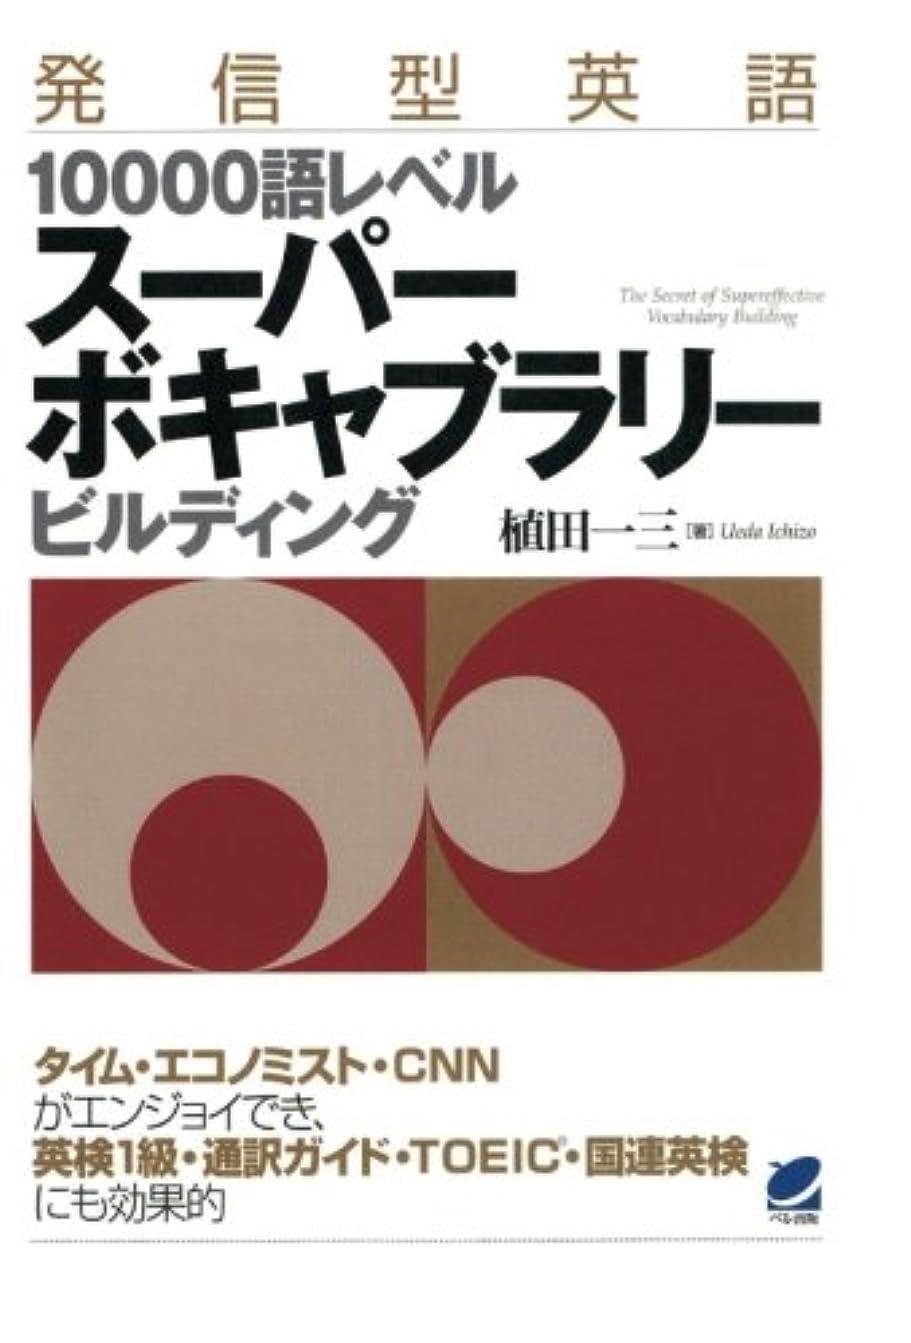 修羅場入るキロメートル発信型英語10000語レベルスーパーボキャブラリービルディング (CDなしバージョン)